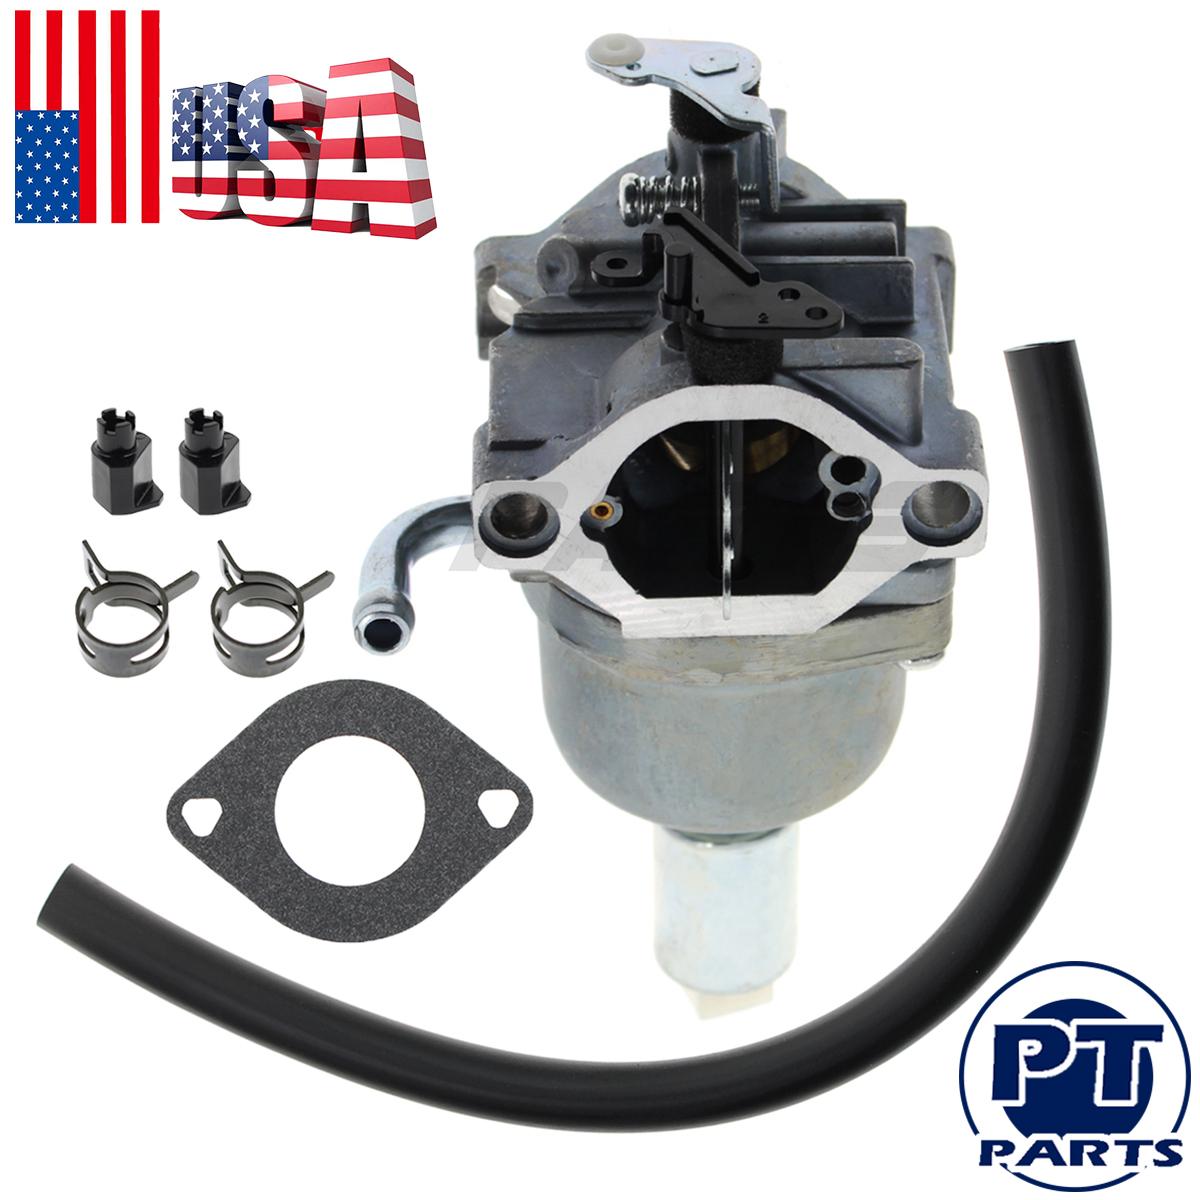 Carburetor fit Briggs and Stratton 31B707-0005-E1 31B707-0026-E1 31B707-0101-E1